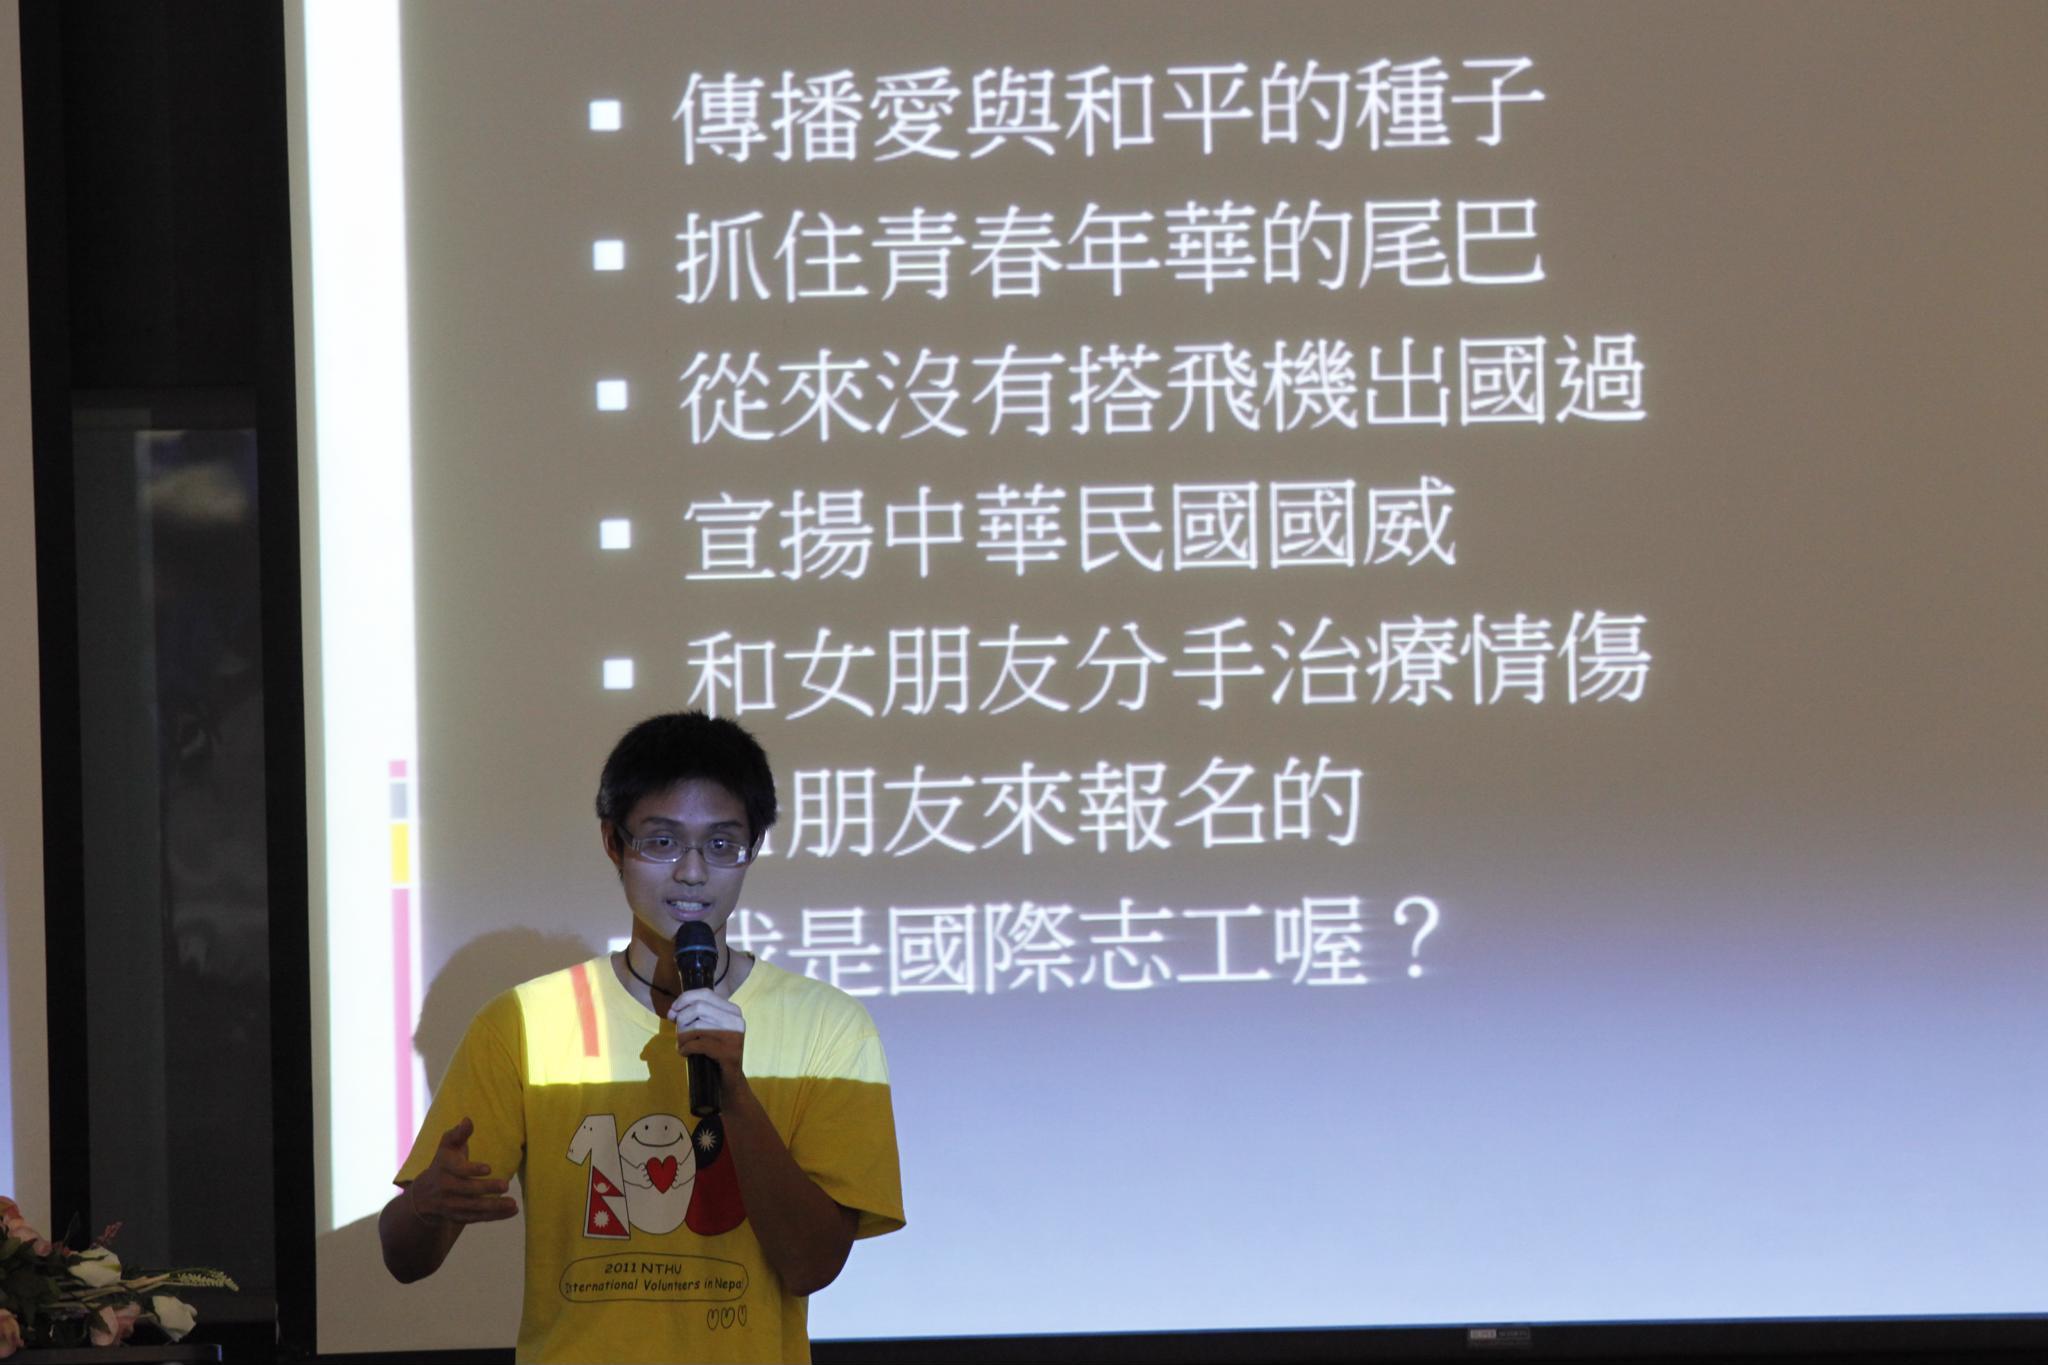 中原大學海外服務學習營 勇敢走出台灣,放眼世界